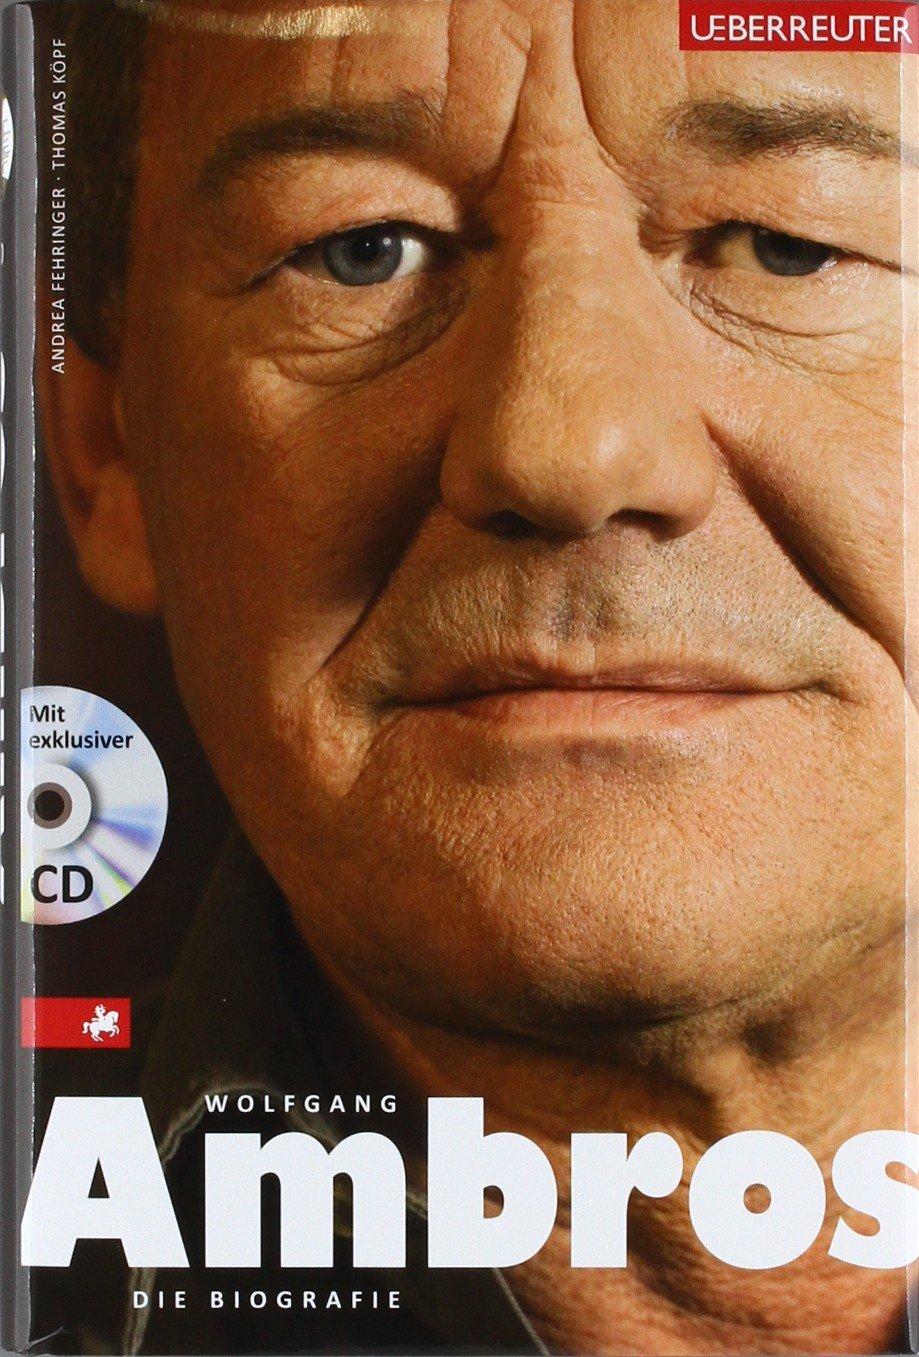 Wolfgang Ambros: Die Biographie mit CD